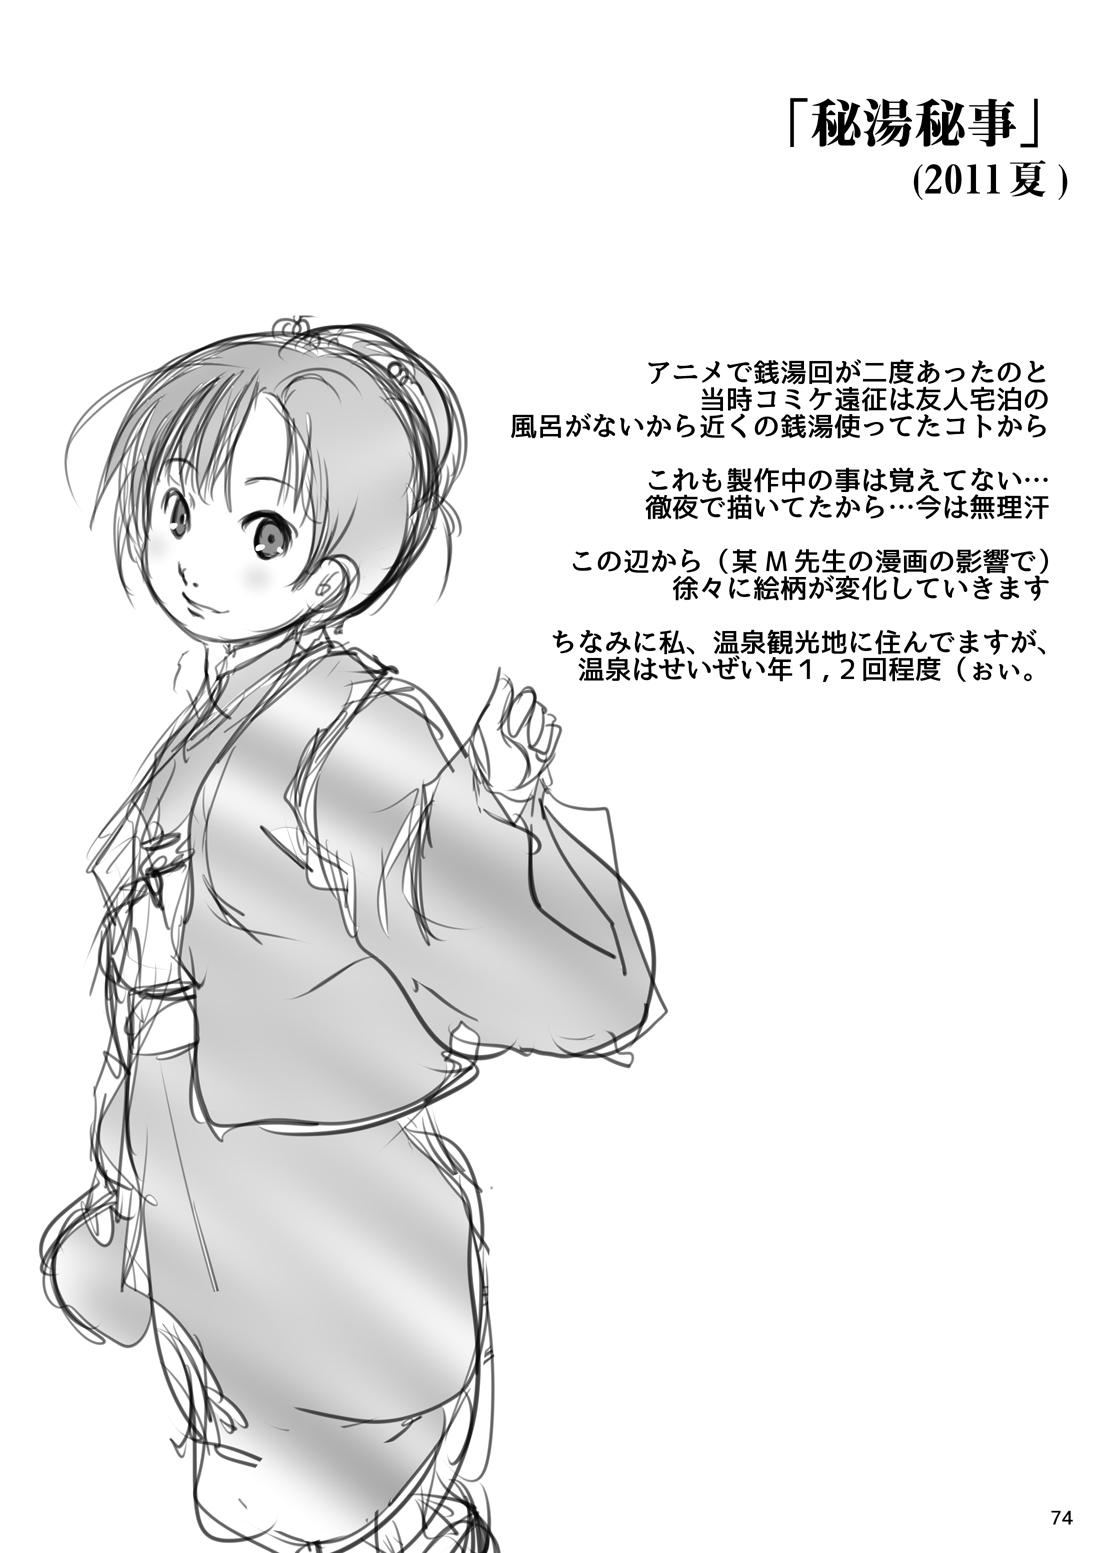 Murasaki no Iro - Kuhouin Murasaki Bon Soushuuhen 2 73